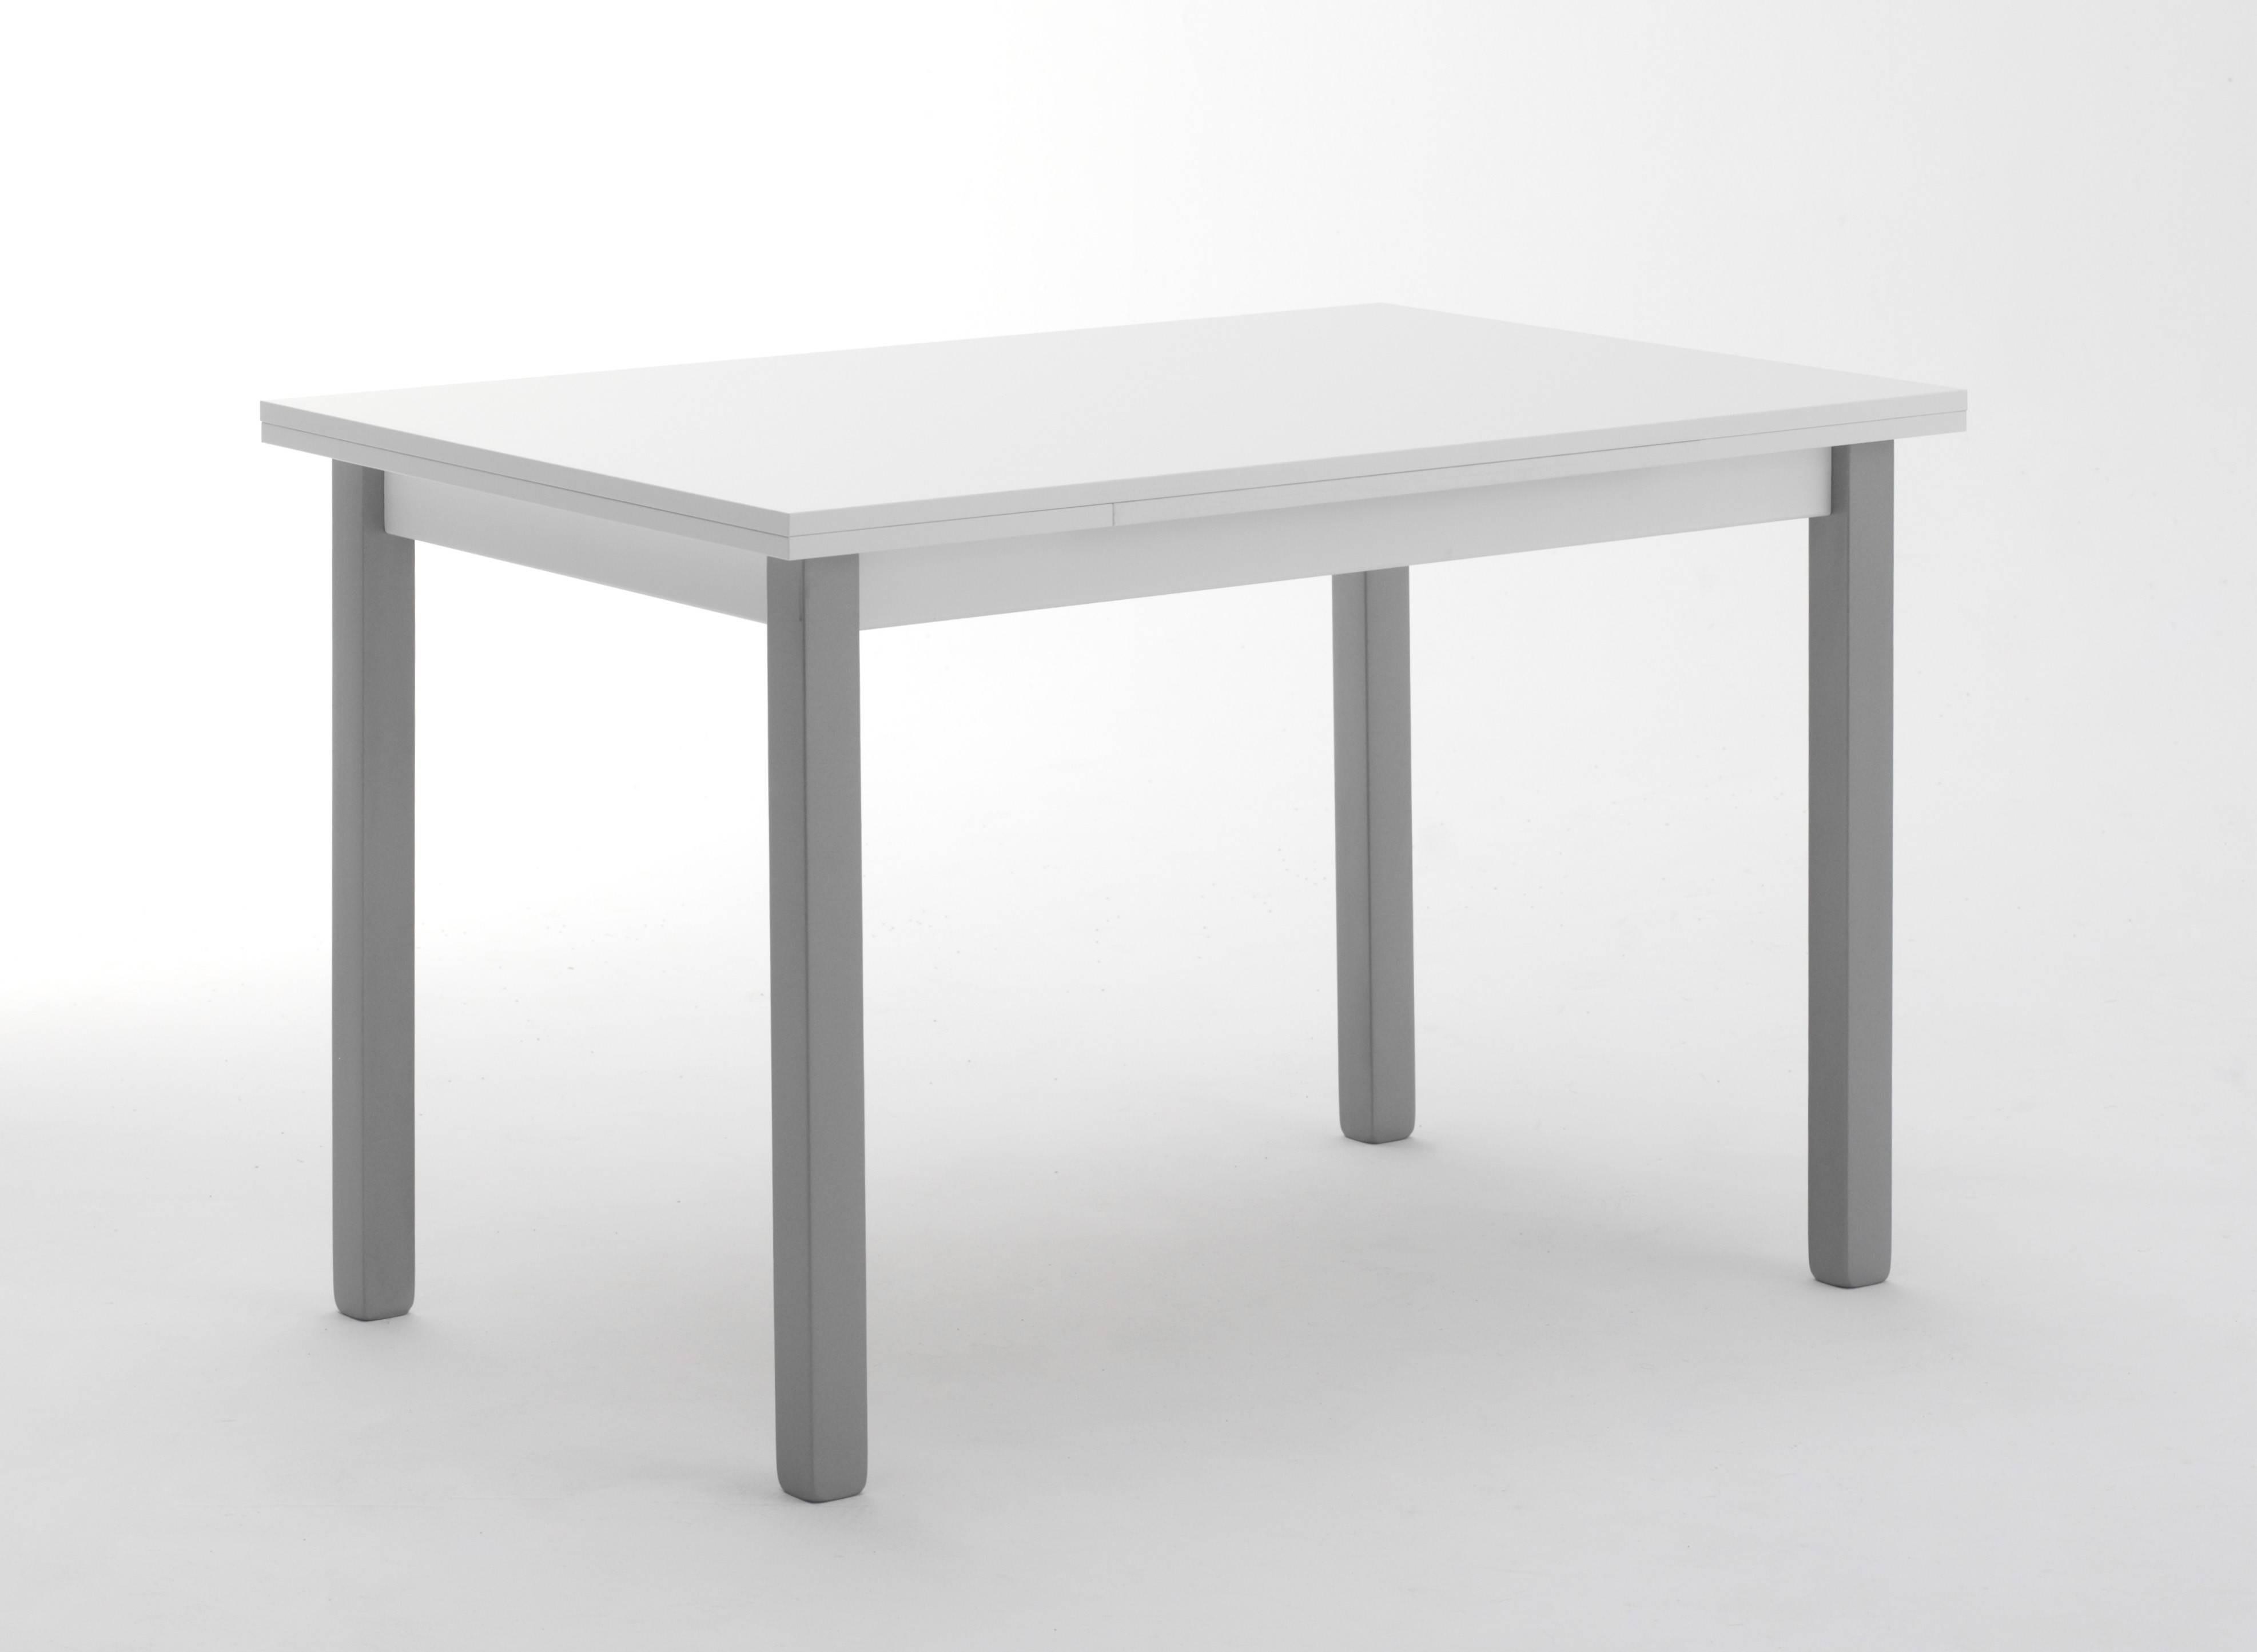 tavolo-rho-allungabile-piano-bianco-e-gambe-laccato-alluminio-made-in-italy.jpg